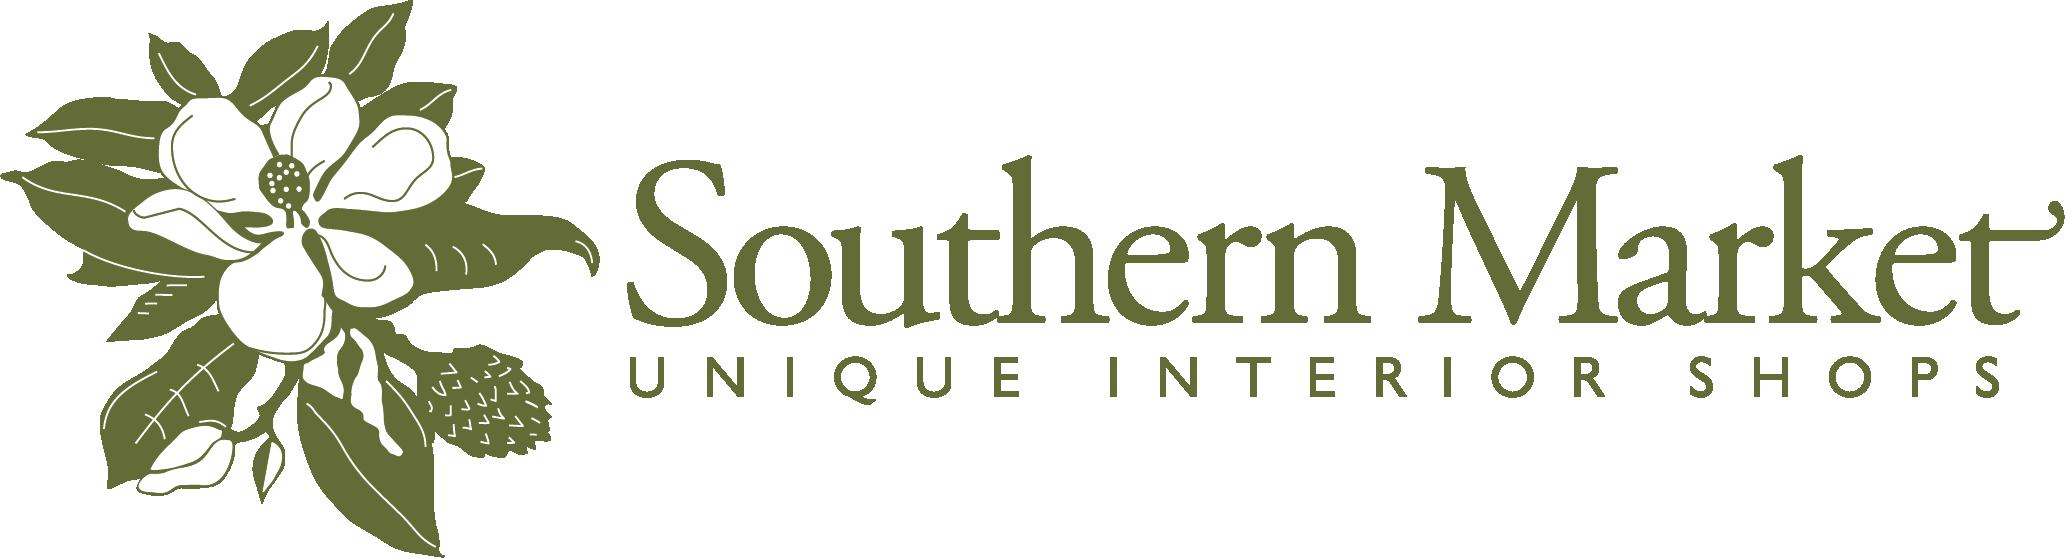 Southern Market logo.png